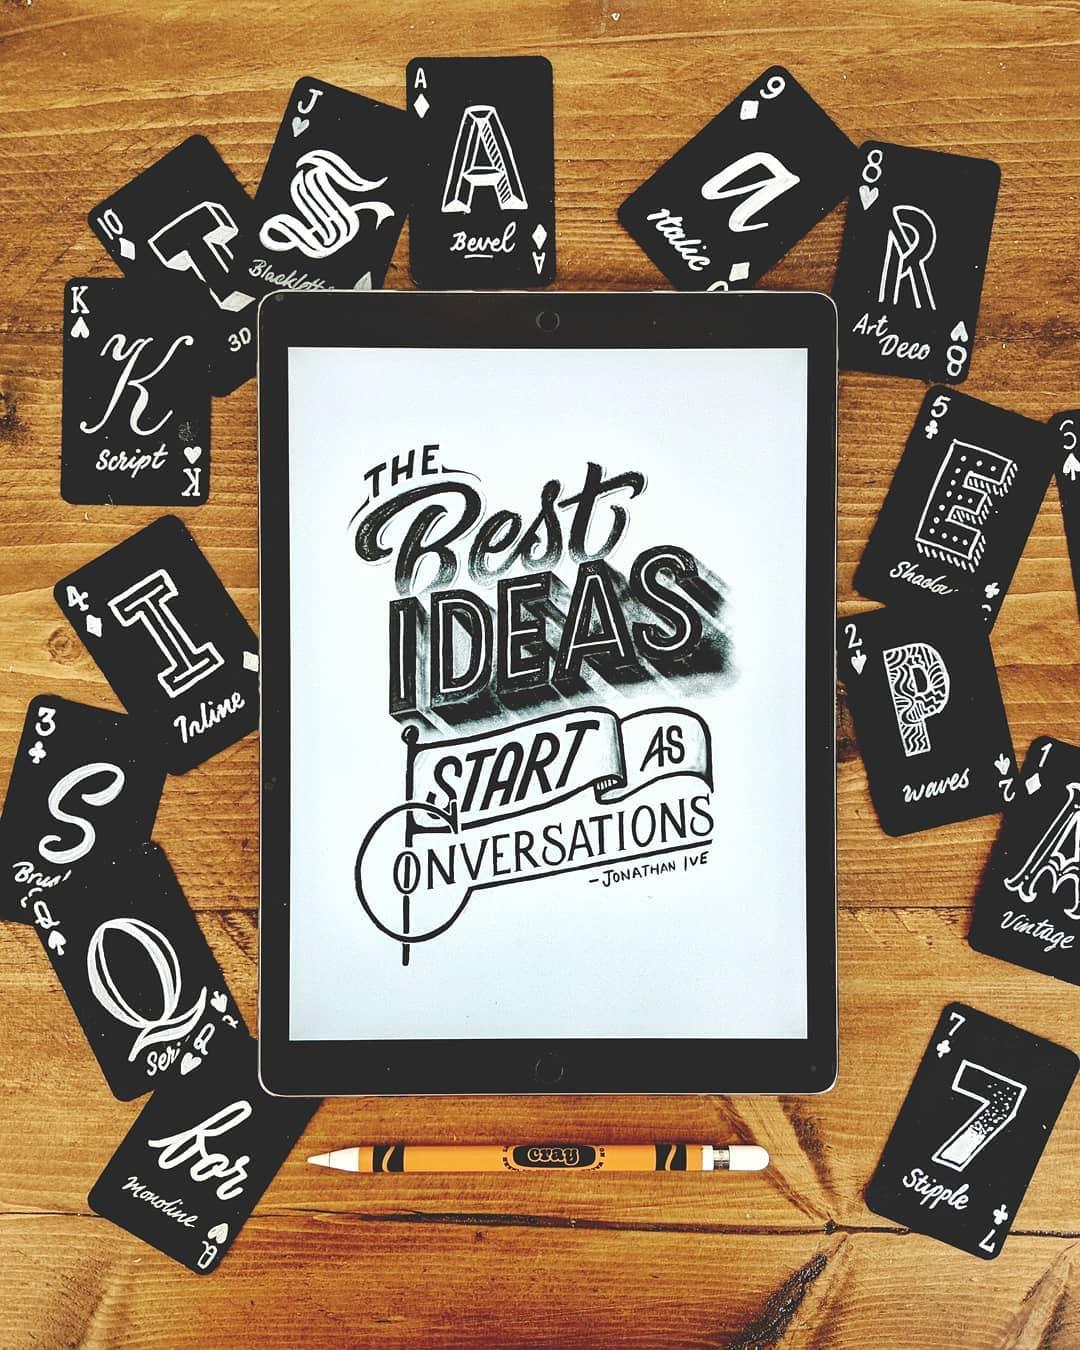 The Best Ideas Start as Conversations